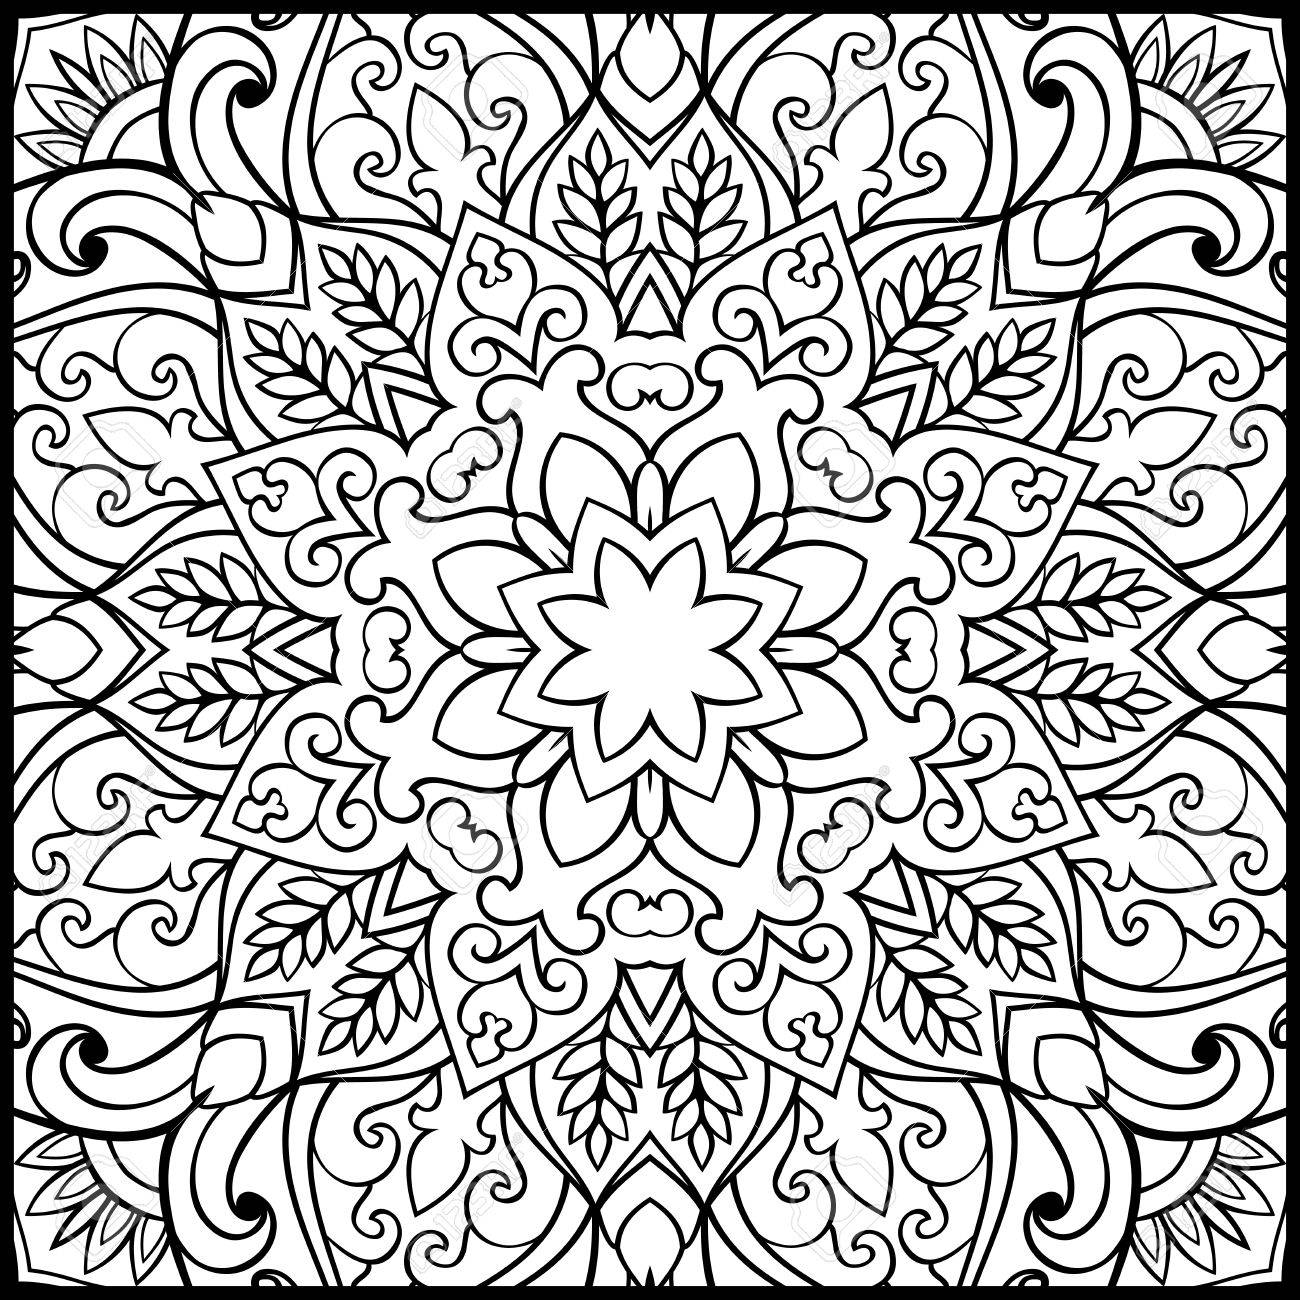 Patrón De Mandala Simbólica Sobre Un Fondo Blanco. Ornamento ...